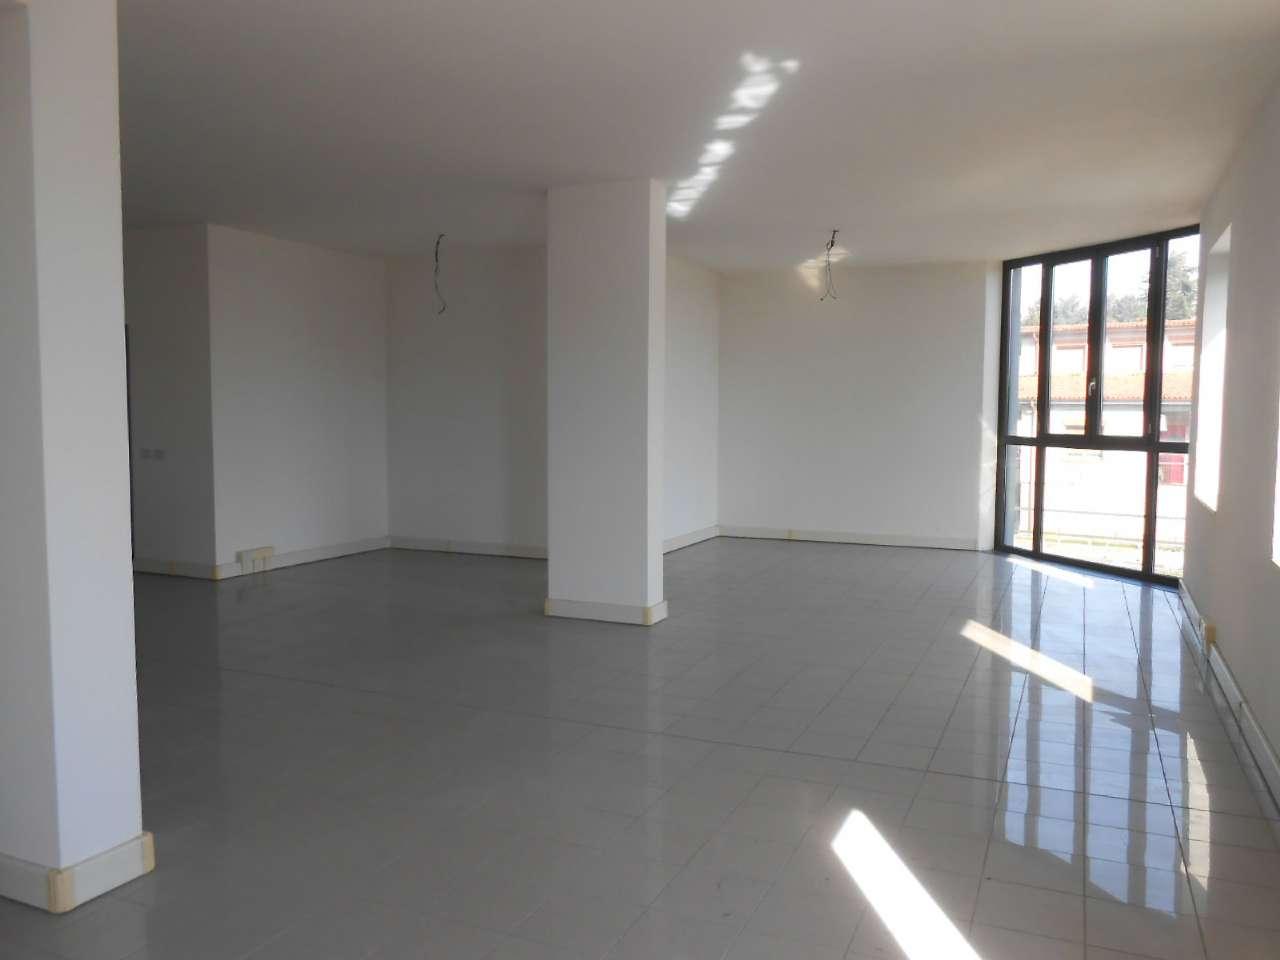 Ufficio / Studio in vendita a Madignano, 2 locali, prezzo € 160.000   PortaleAgenzieImmobiliari.it